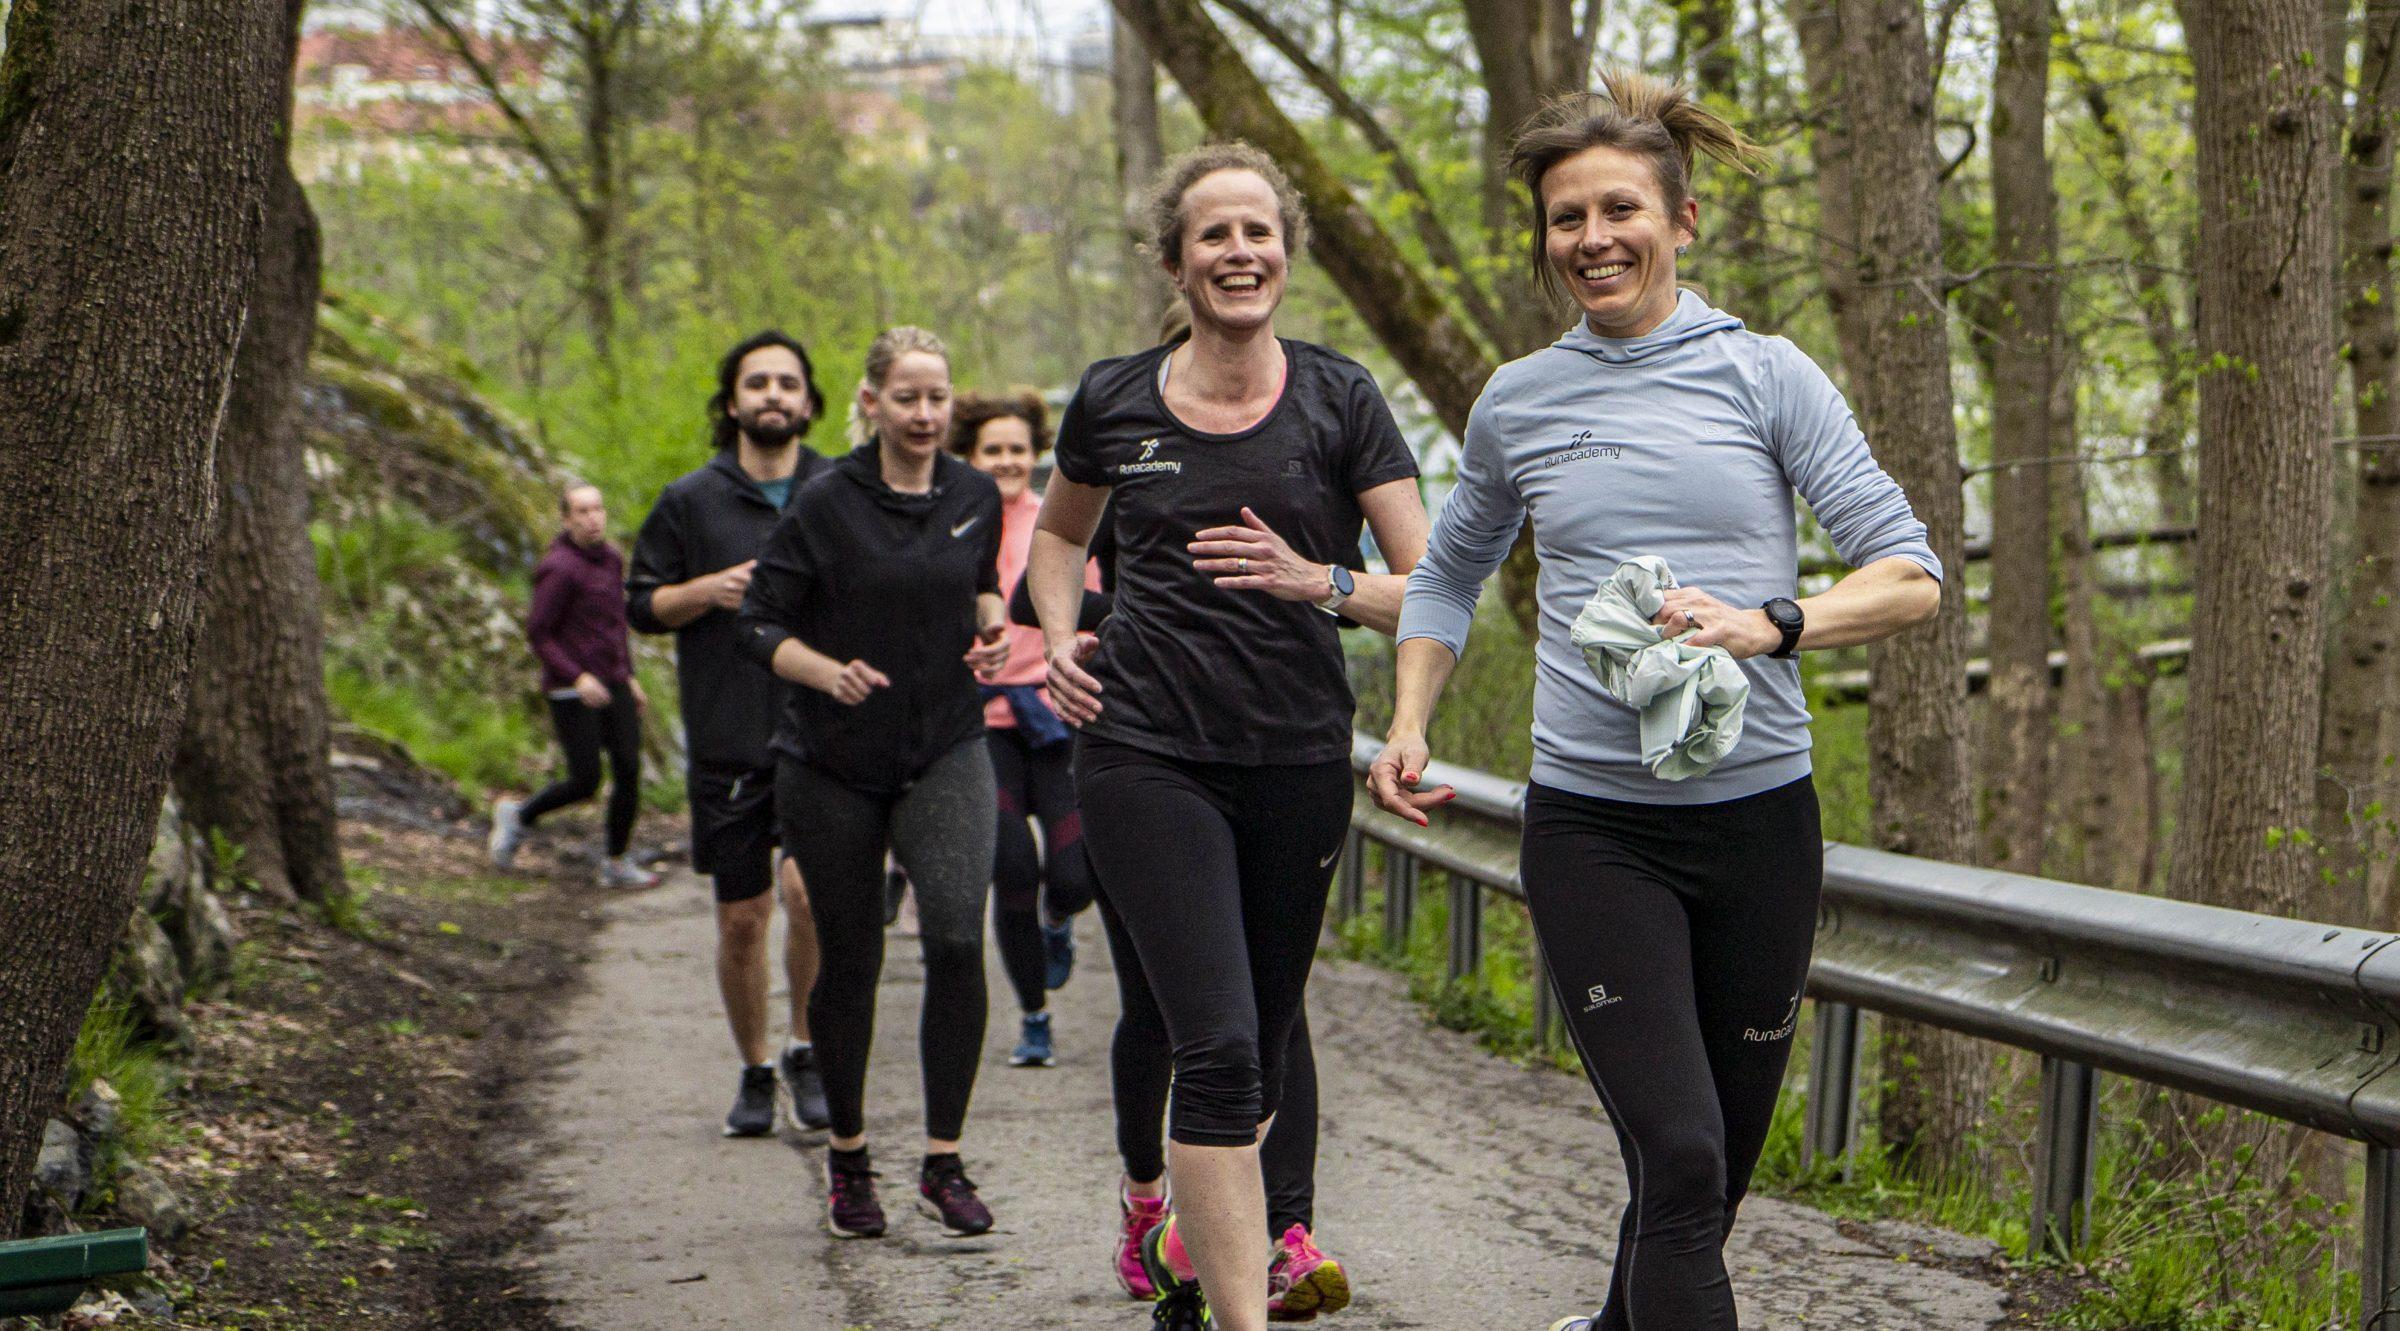 Löpning - Glada människor springer